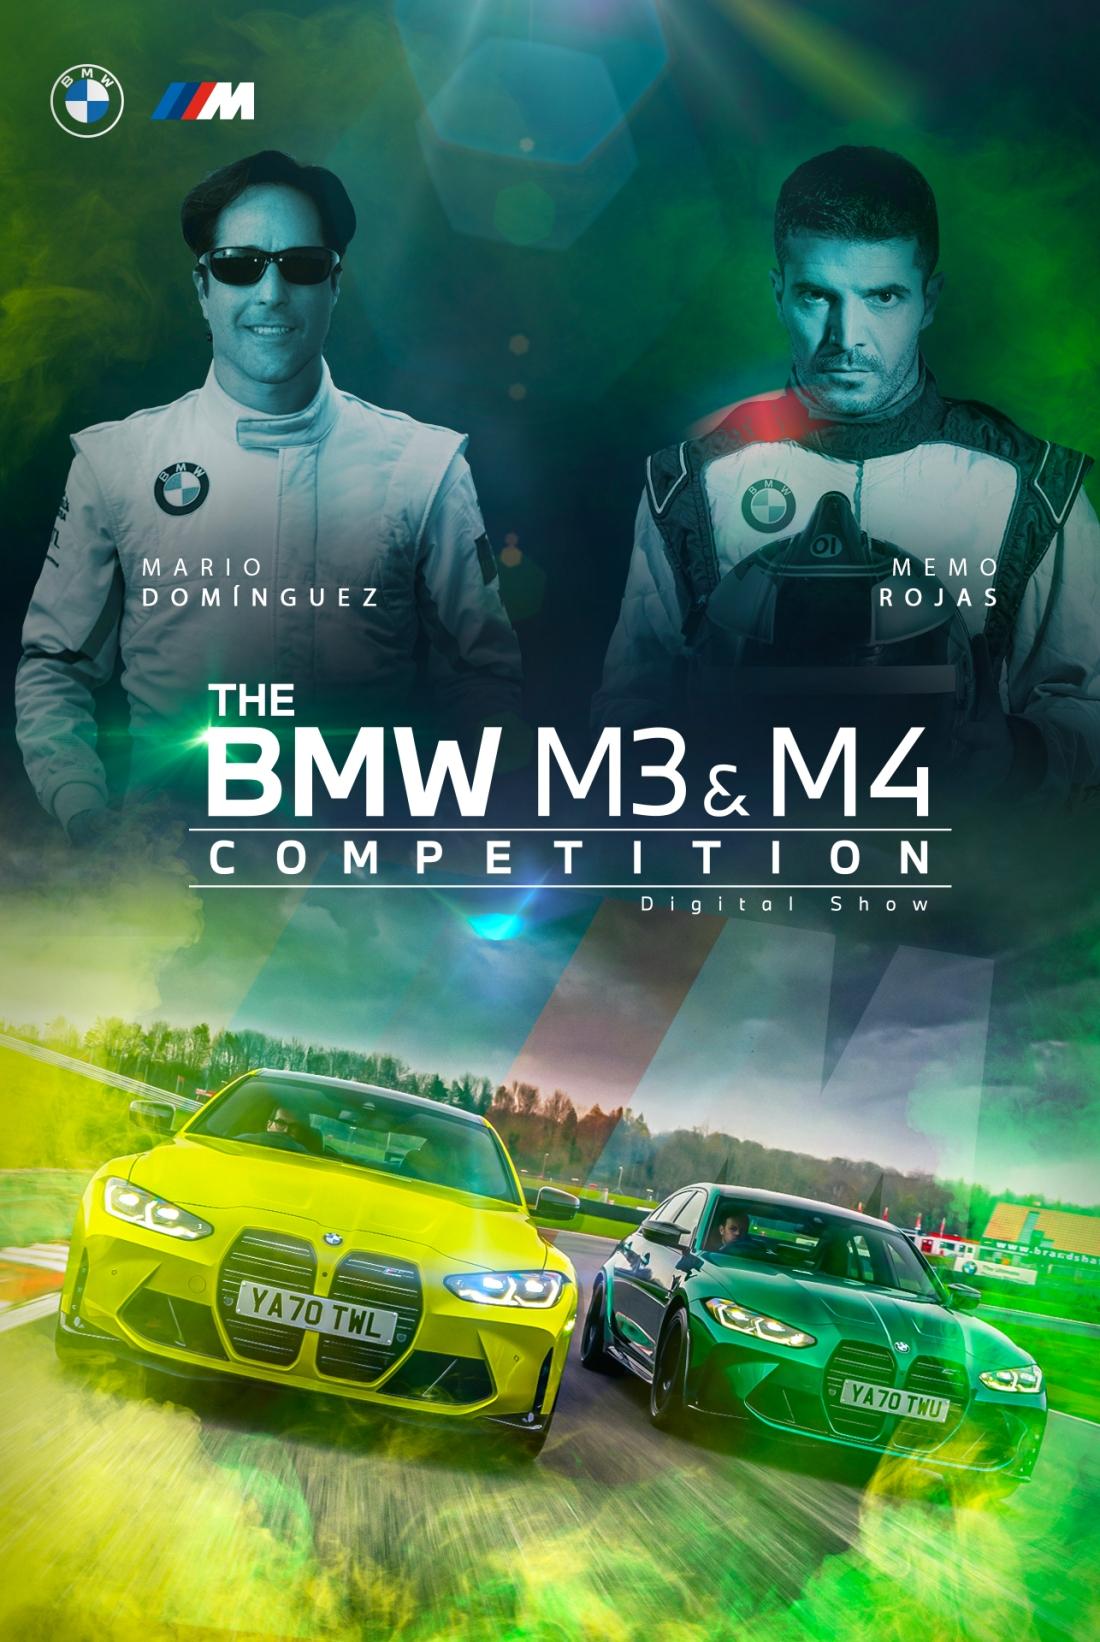 PresentaciónDigital_BMWM3-BMW M4